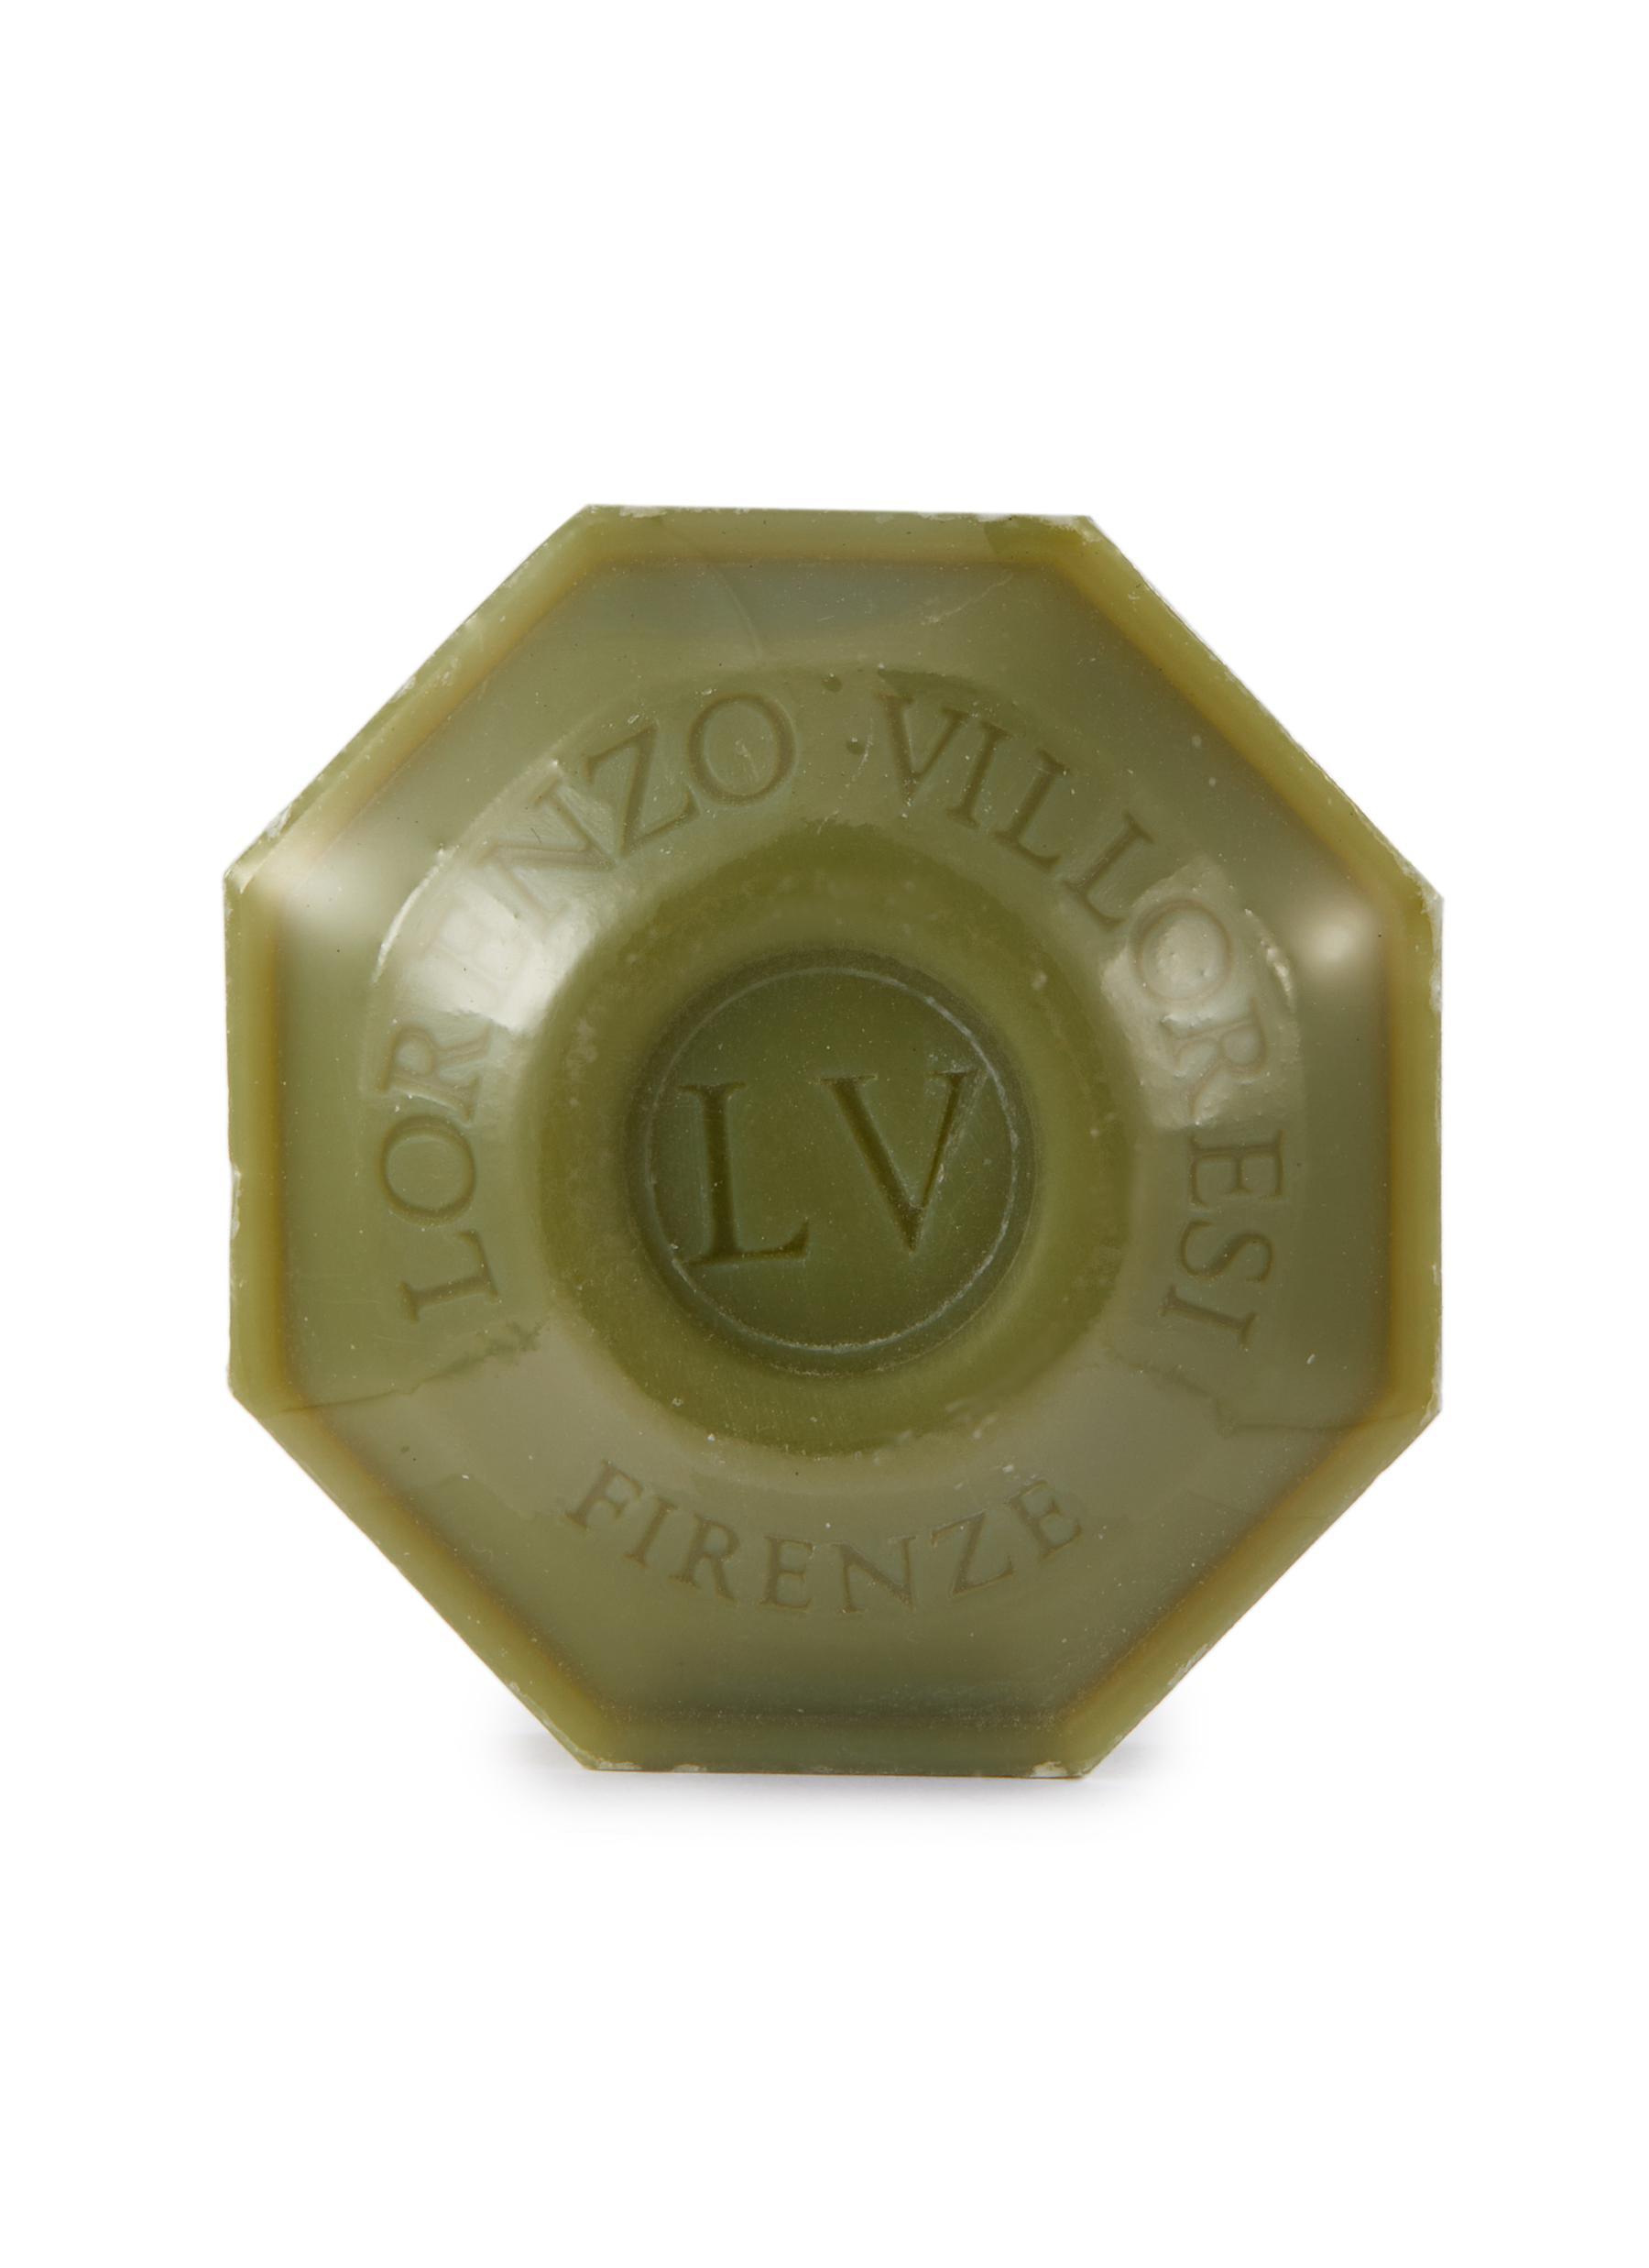 Olea Europaea soap 100g